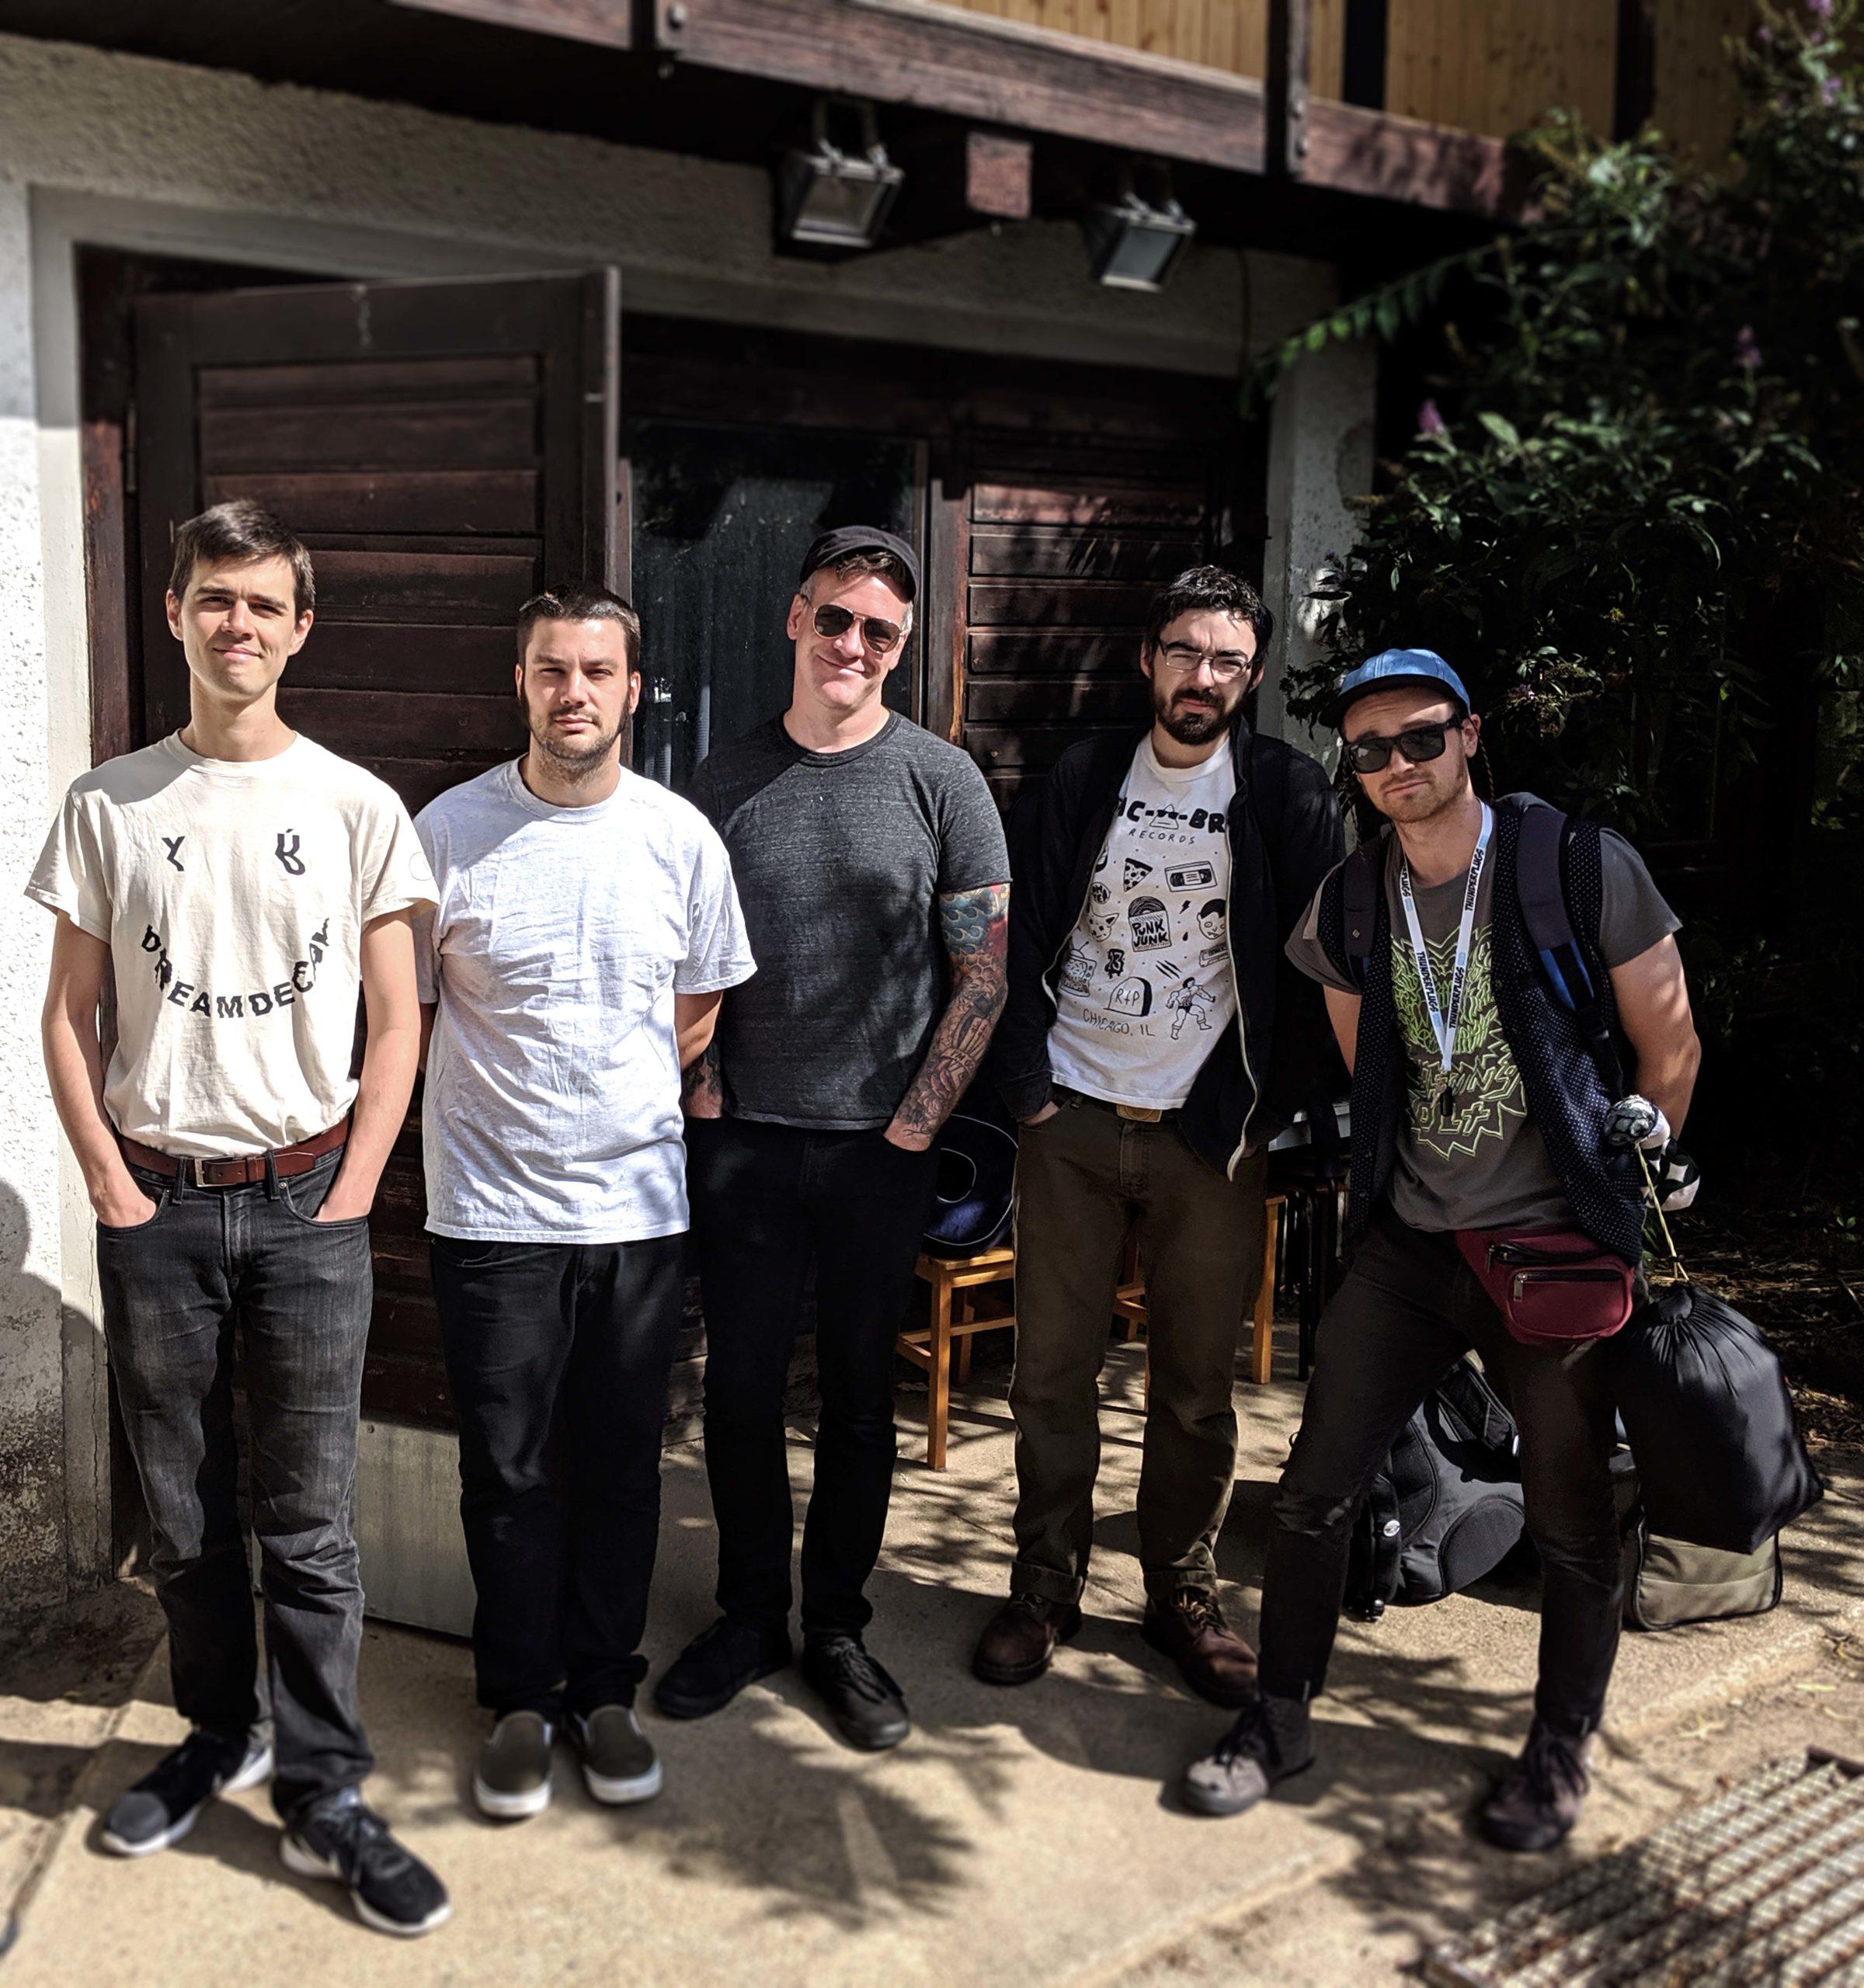 members of the band Landowner standing on a sidewalk in Leipzig